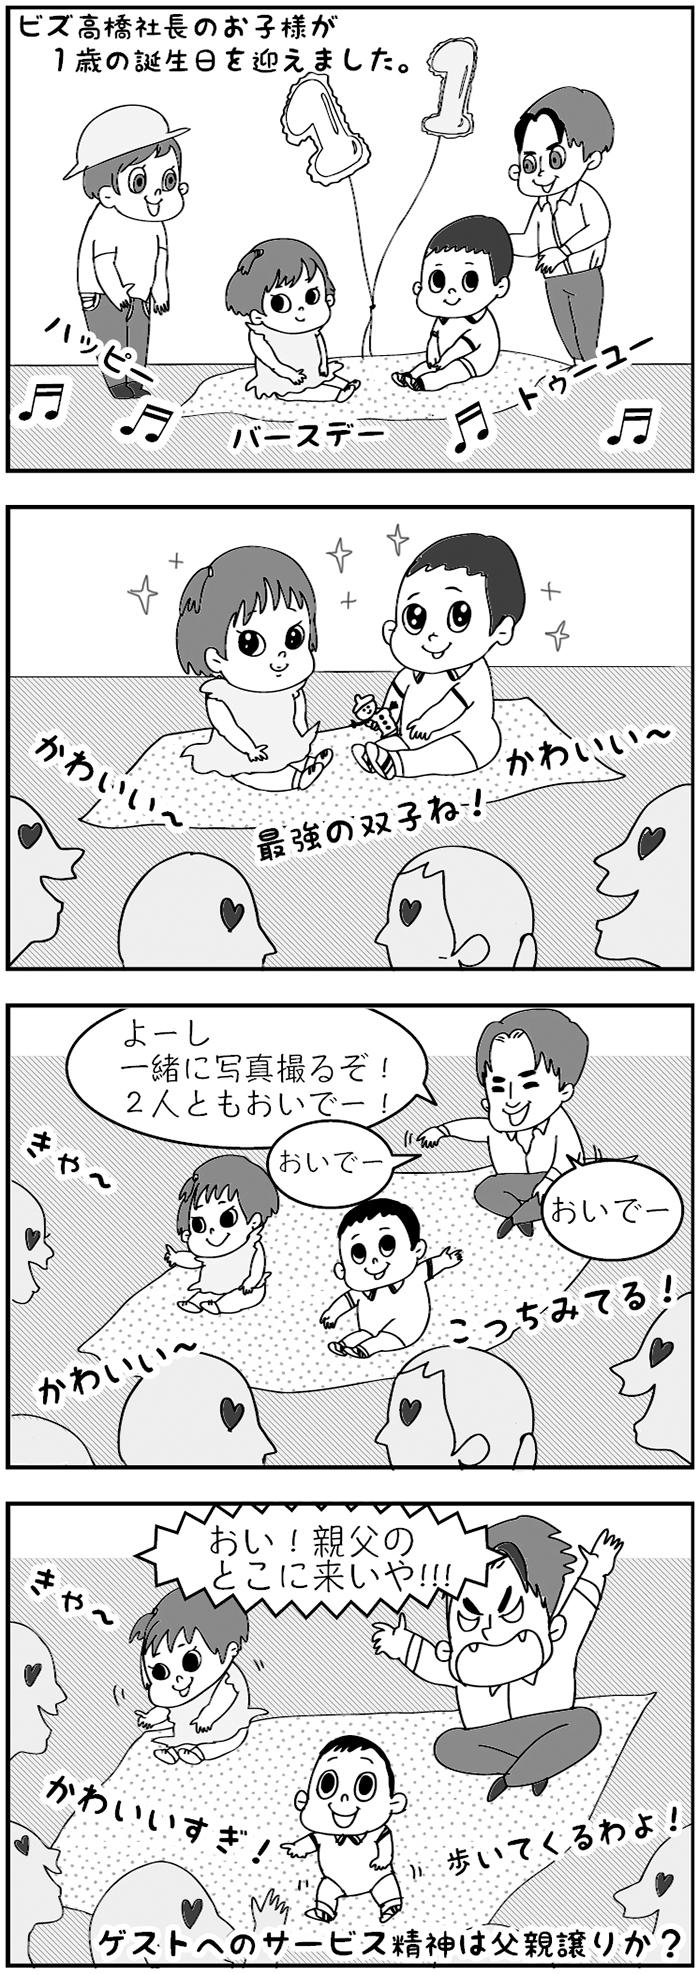 コマタキレコ-20160709